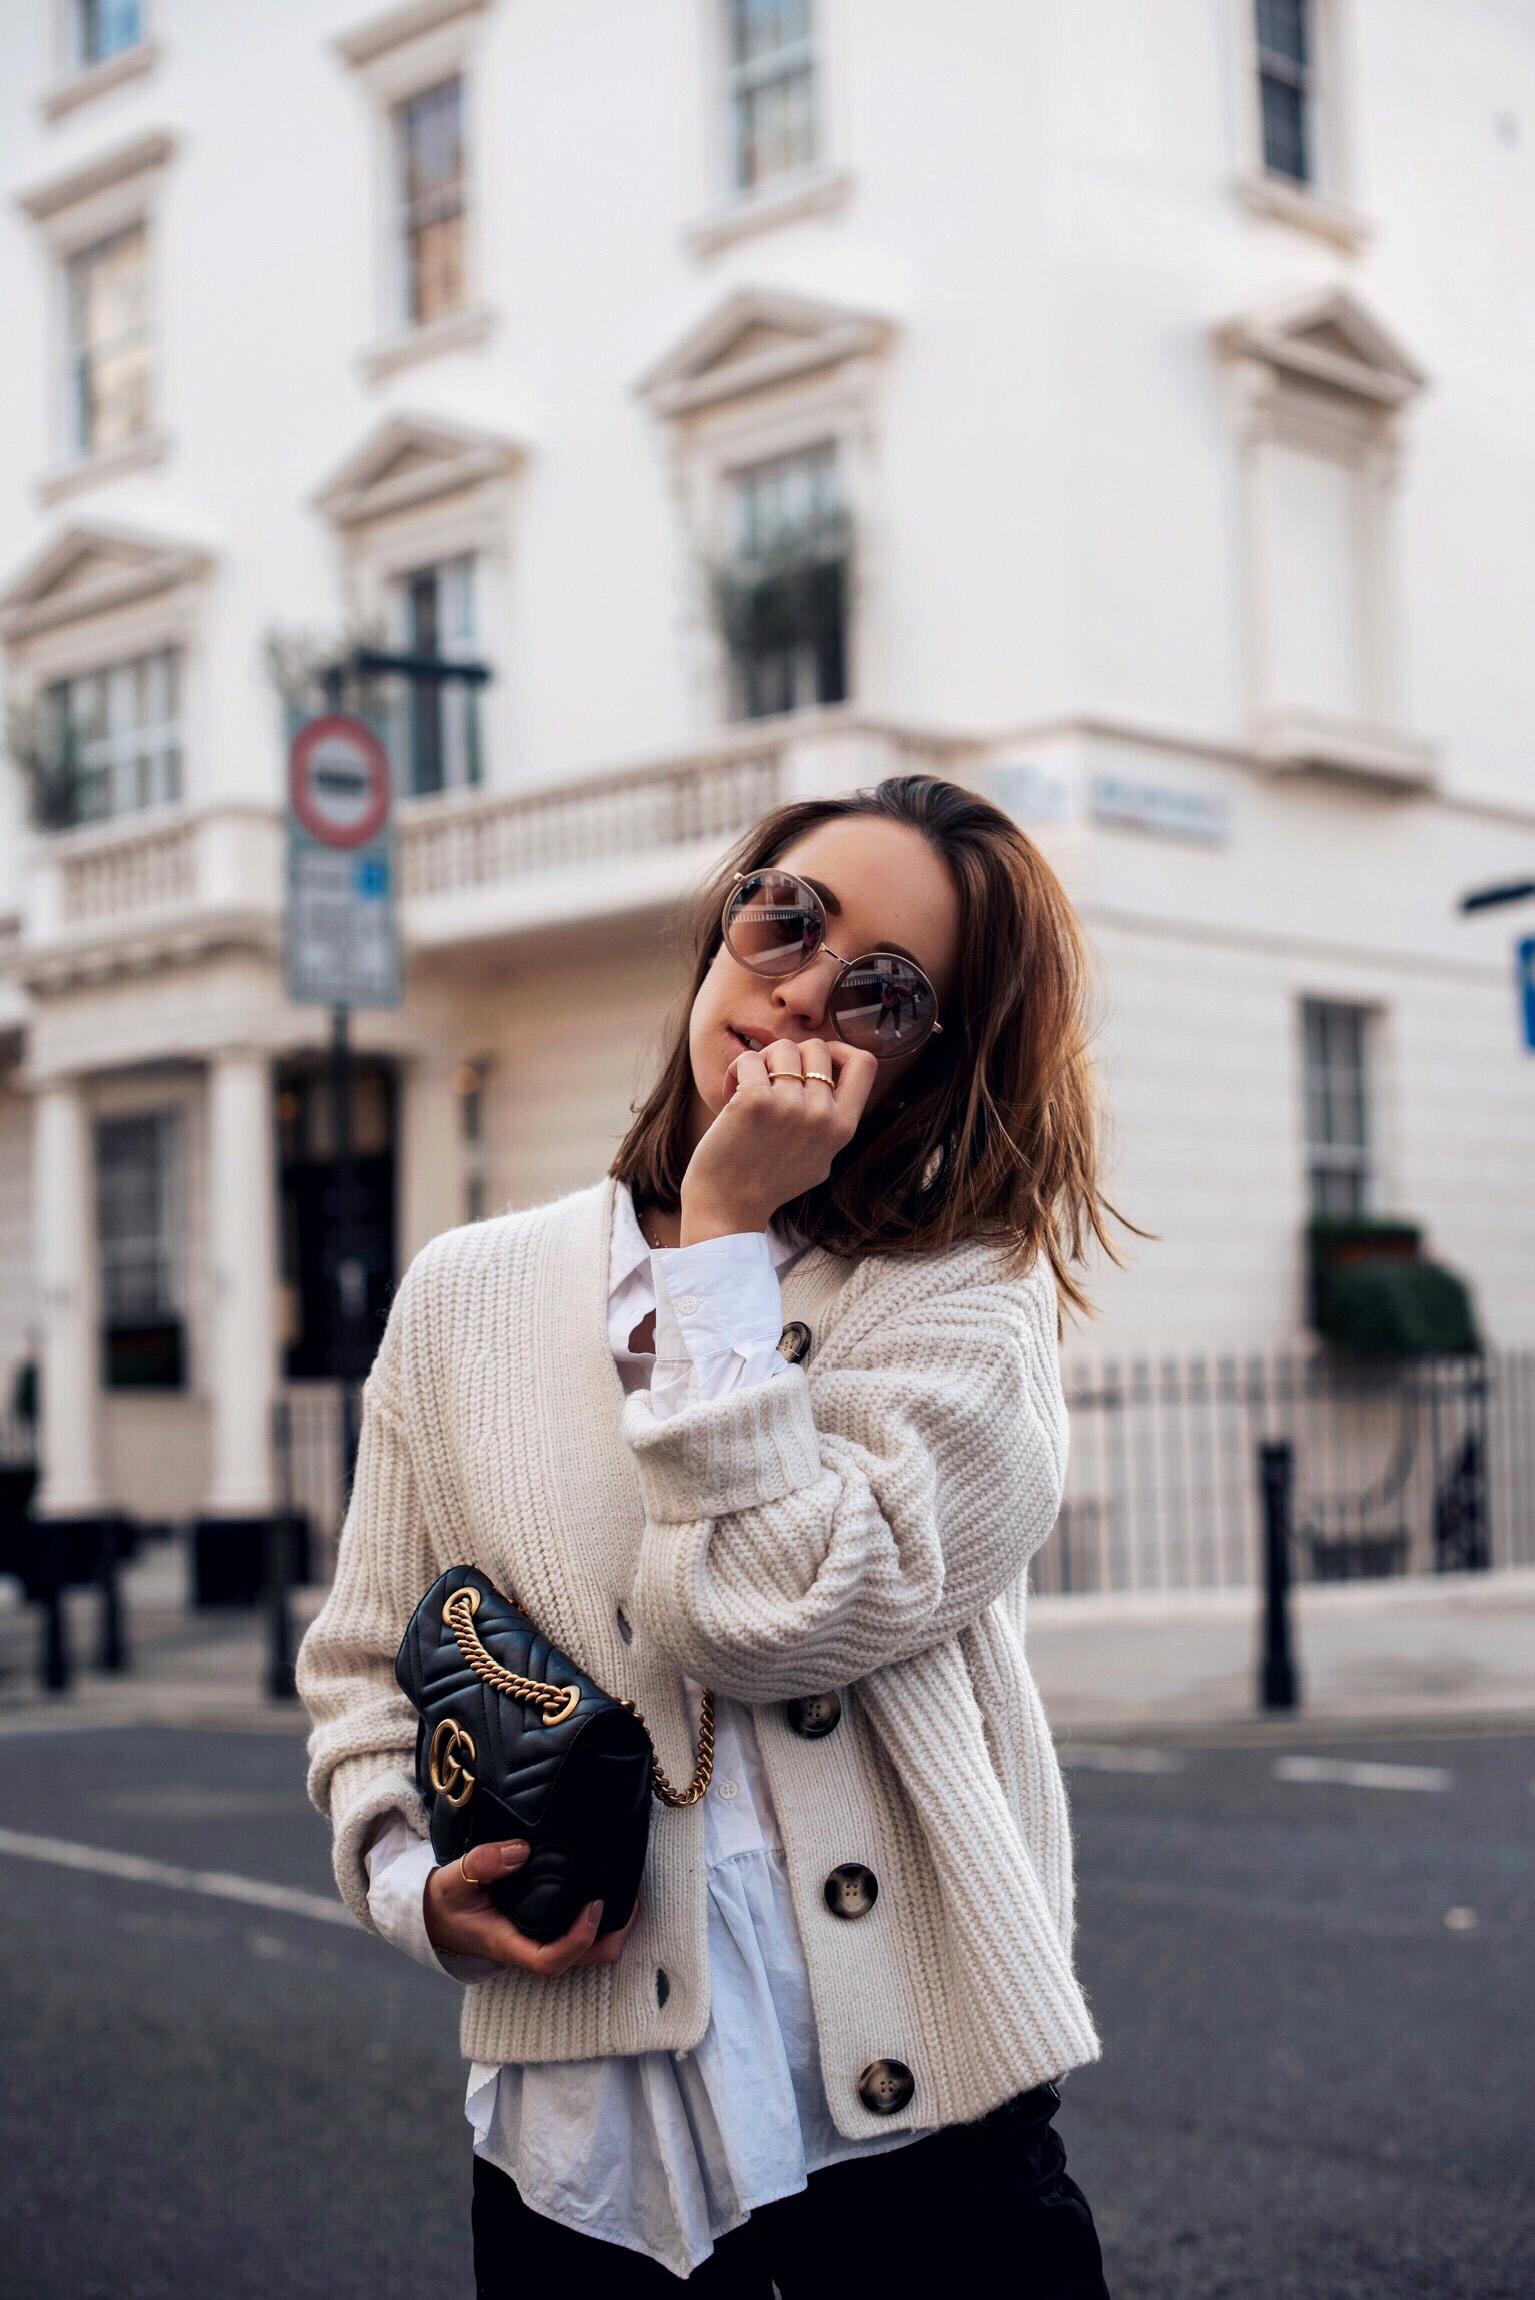 Herbst Outfit mit Jeans Culotte, Strickjacke und Gucci Marmont Tasche